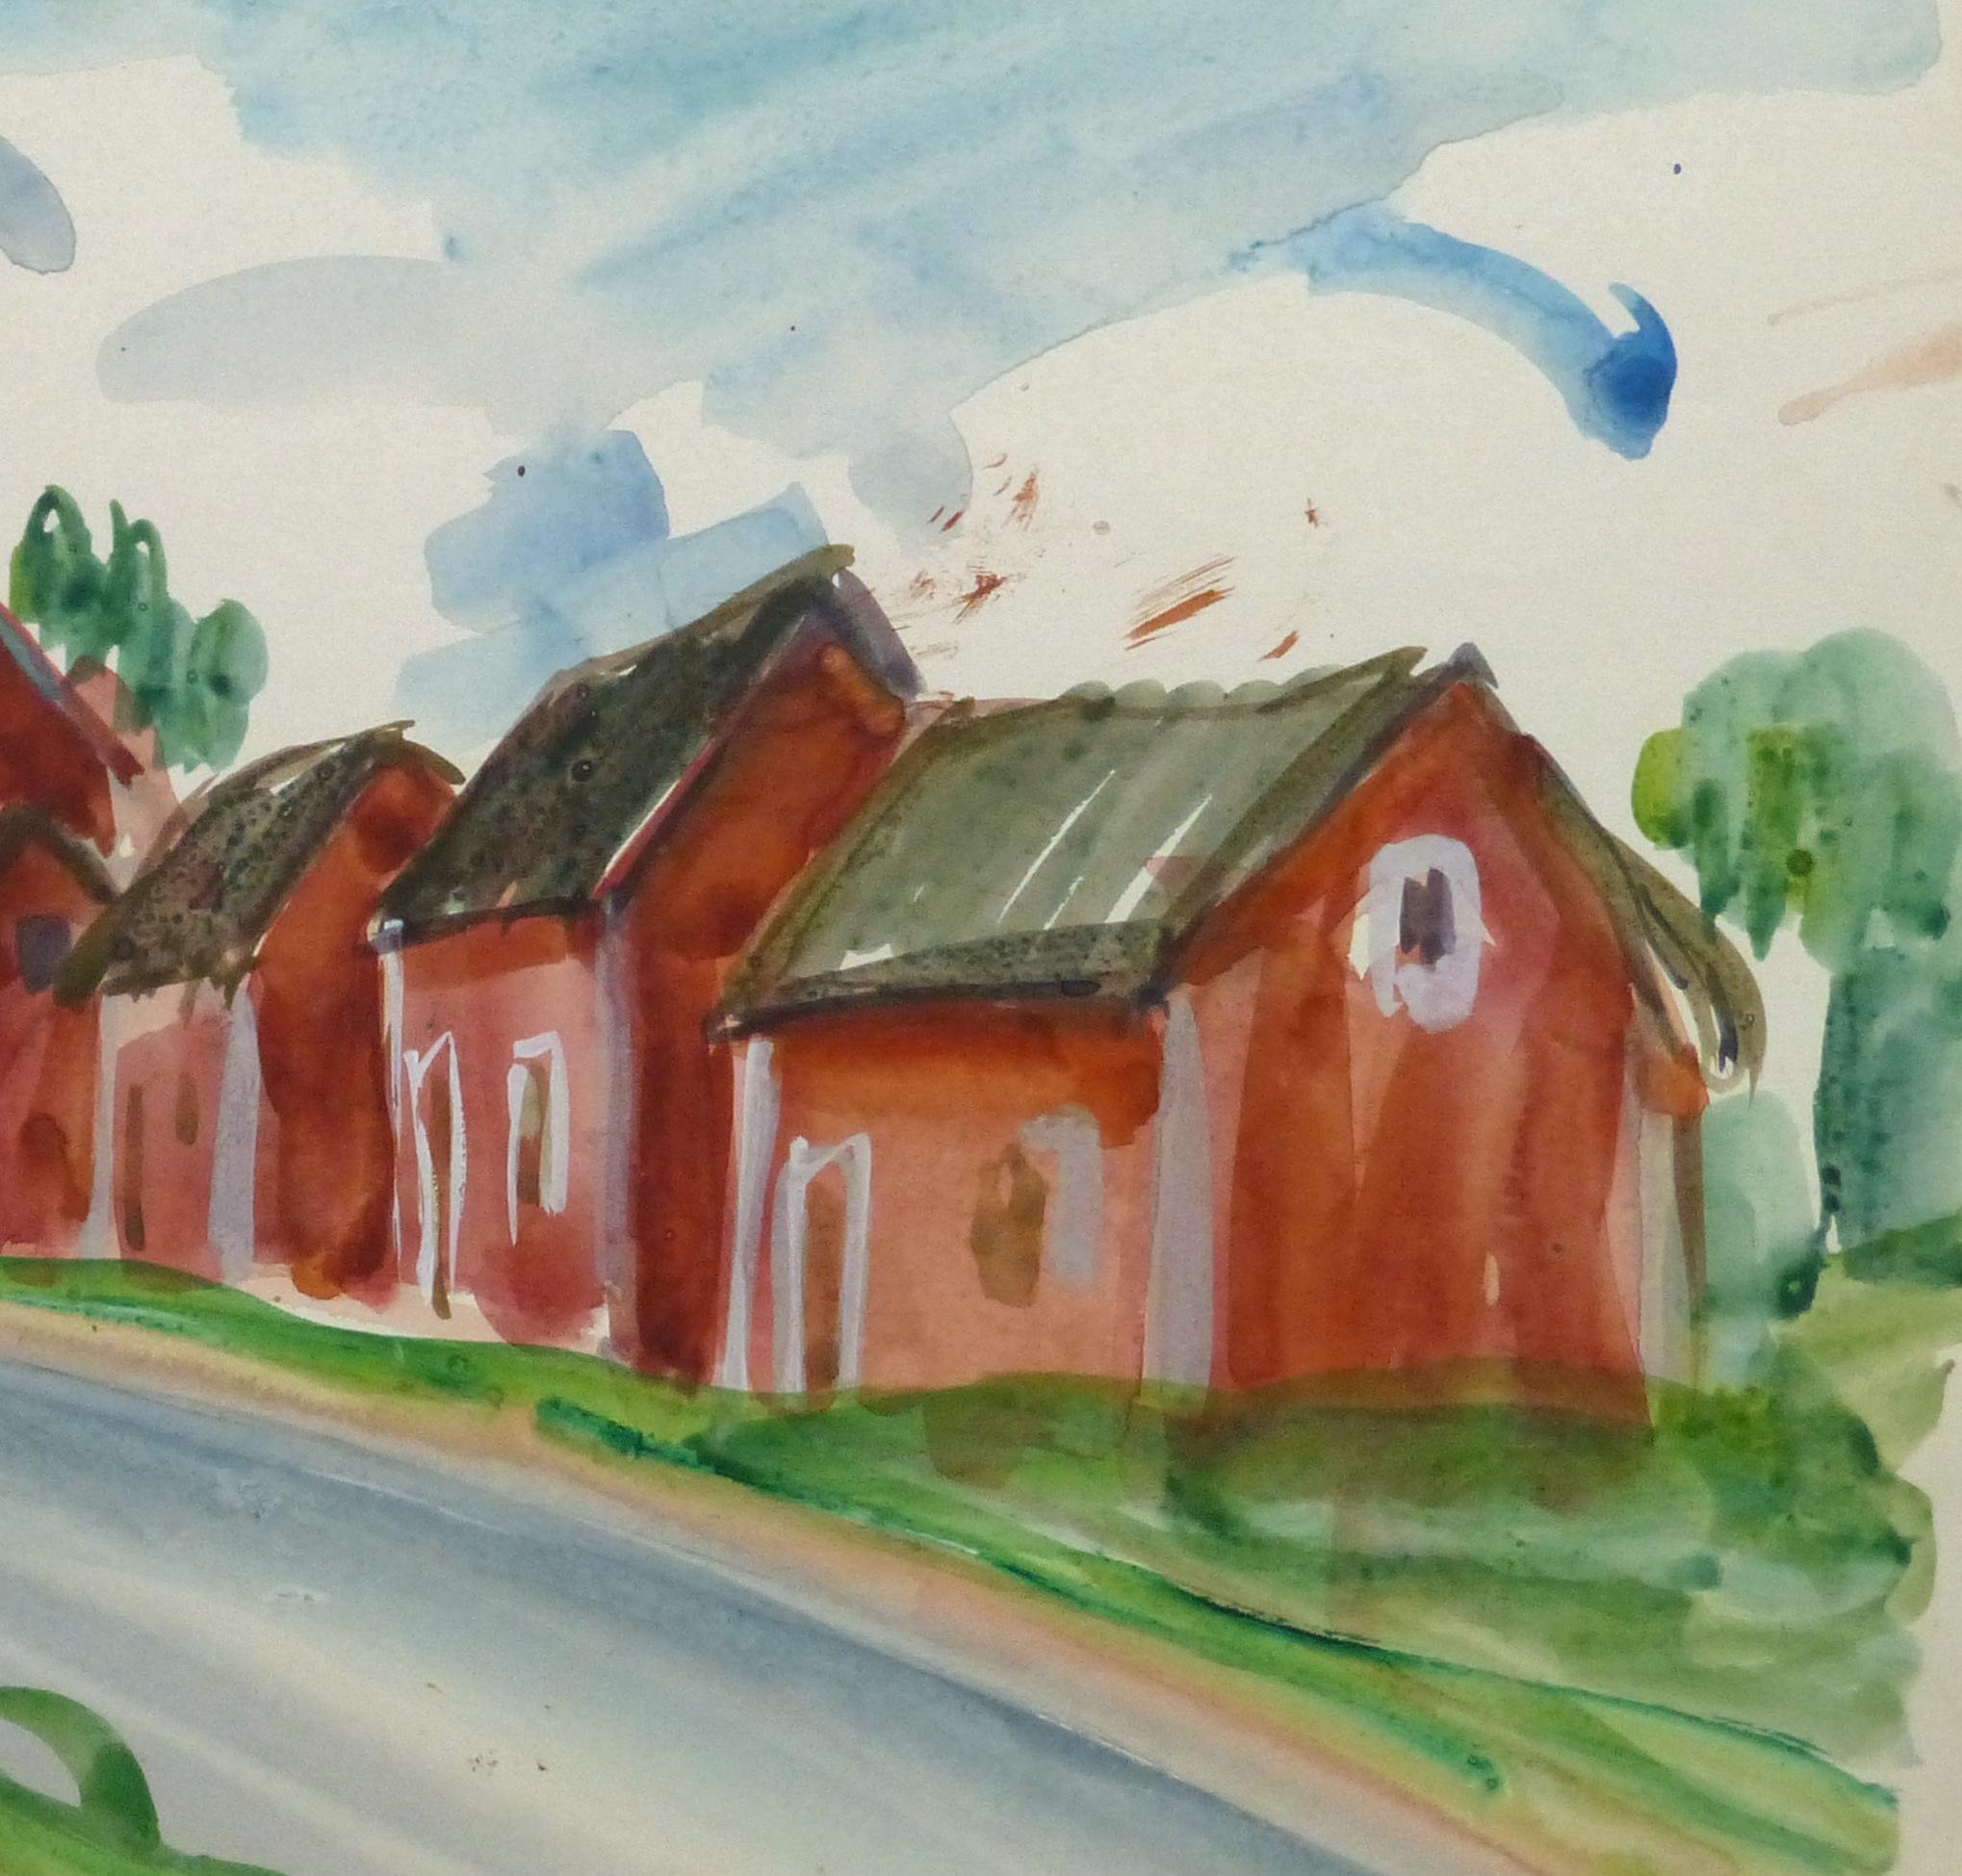 Watercolor Landscape - Island Village - Detail 1 -9970M